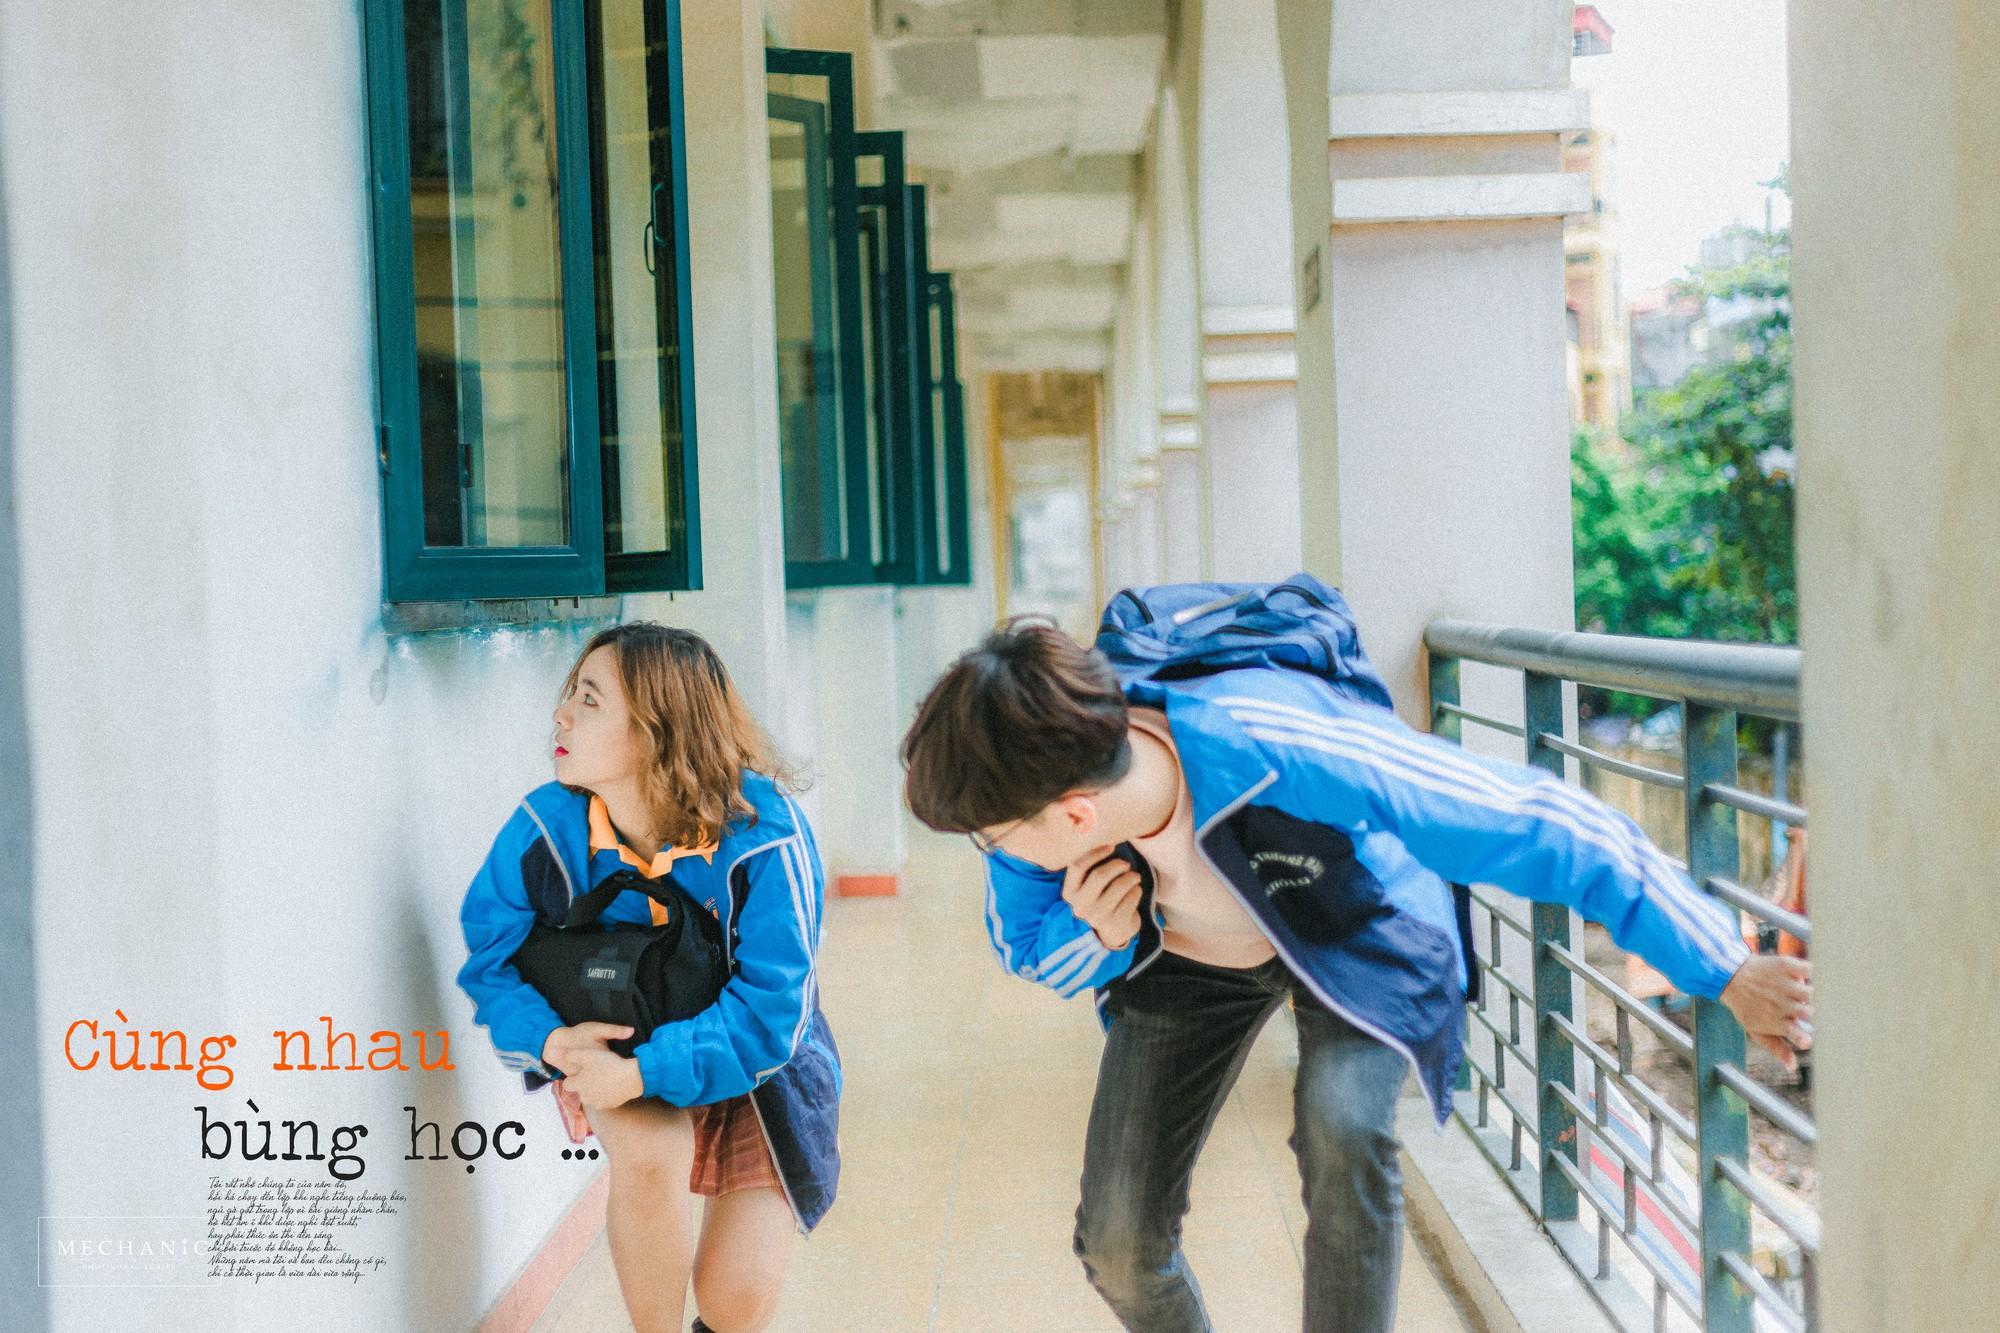 Mặc đồng phục, chụp ảnh ở những góc quen thuộc của trường, cặp đôi 10x cho ra đời bộ ảnh lãng mạn, tình bể bình - Ảnh 5. Cặp đôi 10x cho ra đời bộ ảnh siêu lãng mạn, tình bể bình ngay trường học